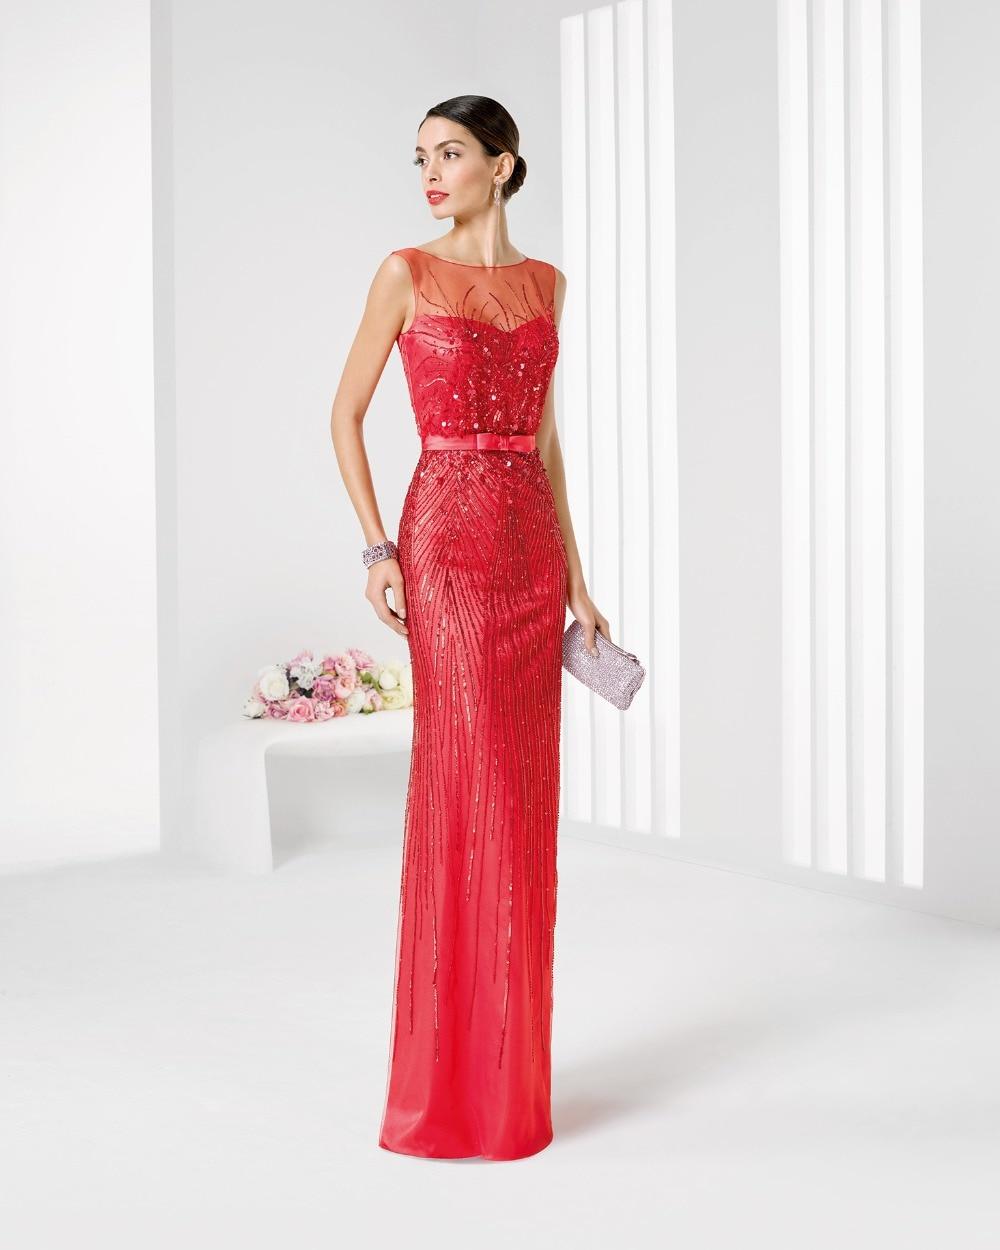 Modas de vestidos largos rojos